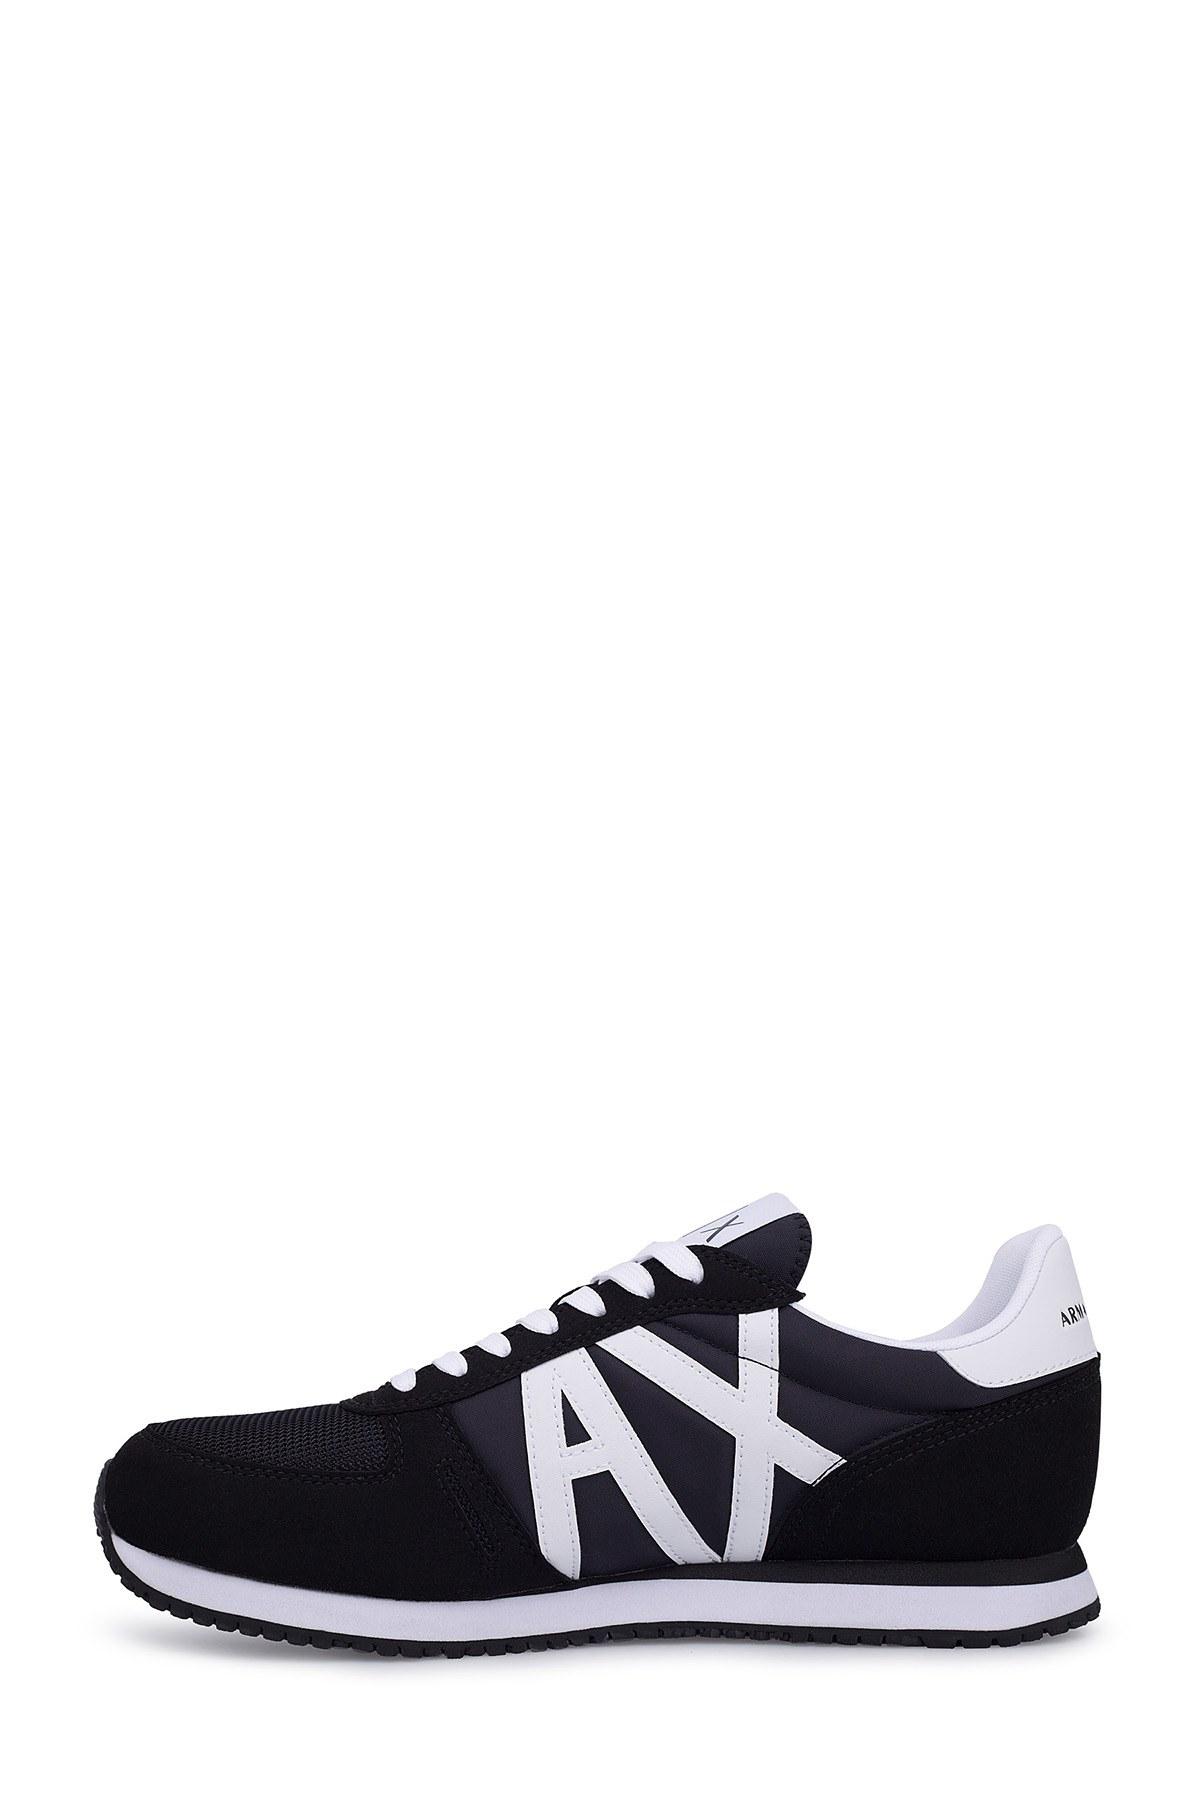 Armani Exchange Erkek Ayakkabı XUX017 XV028 K489 SİYAH-BEYAZ